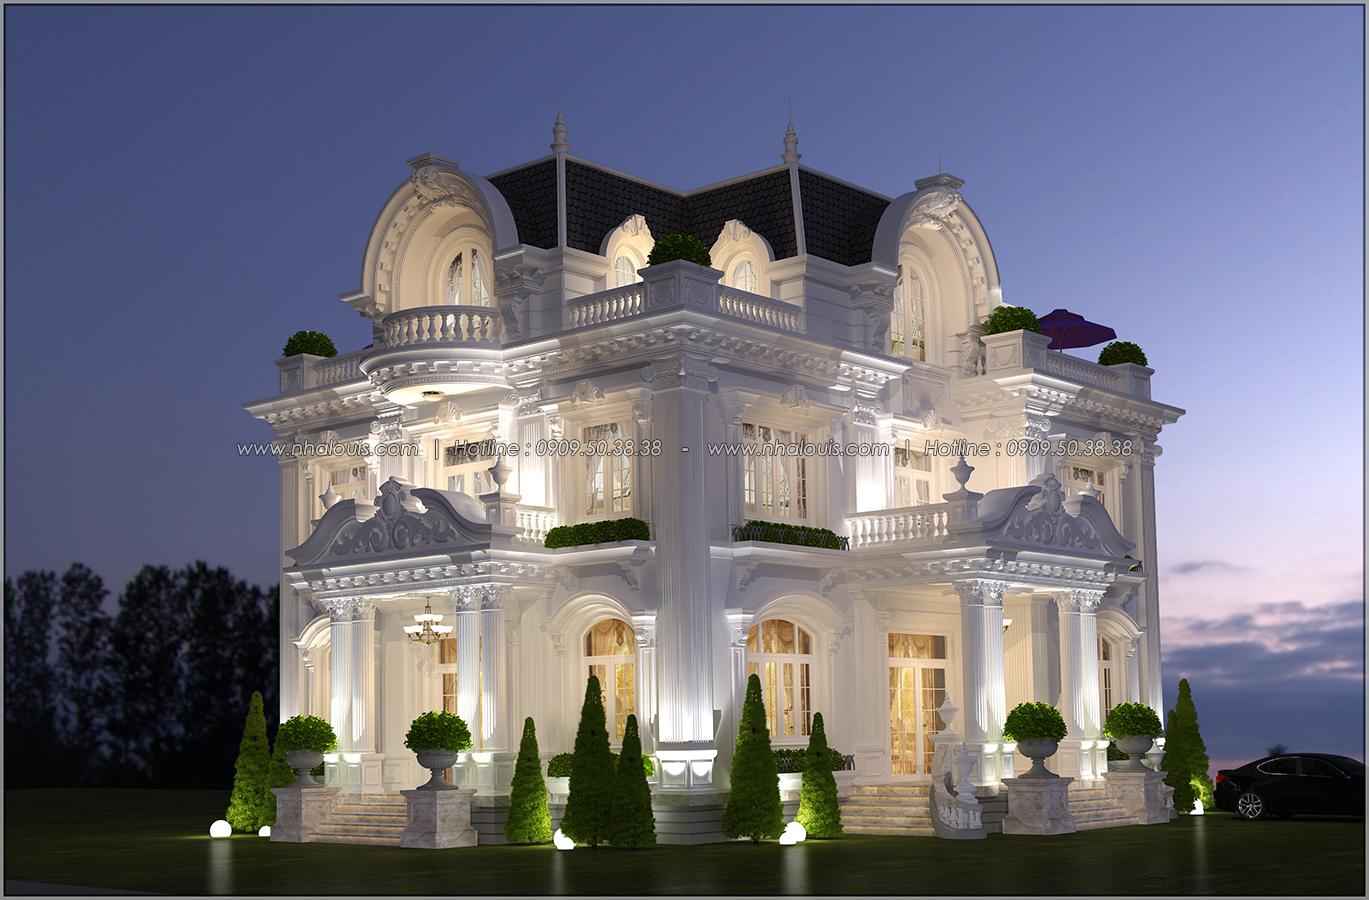 Mê mẩn với thiết kế biệt thự 3 tầng kiểu Pháp hoành tráng tại Biên Hòa - 02